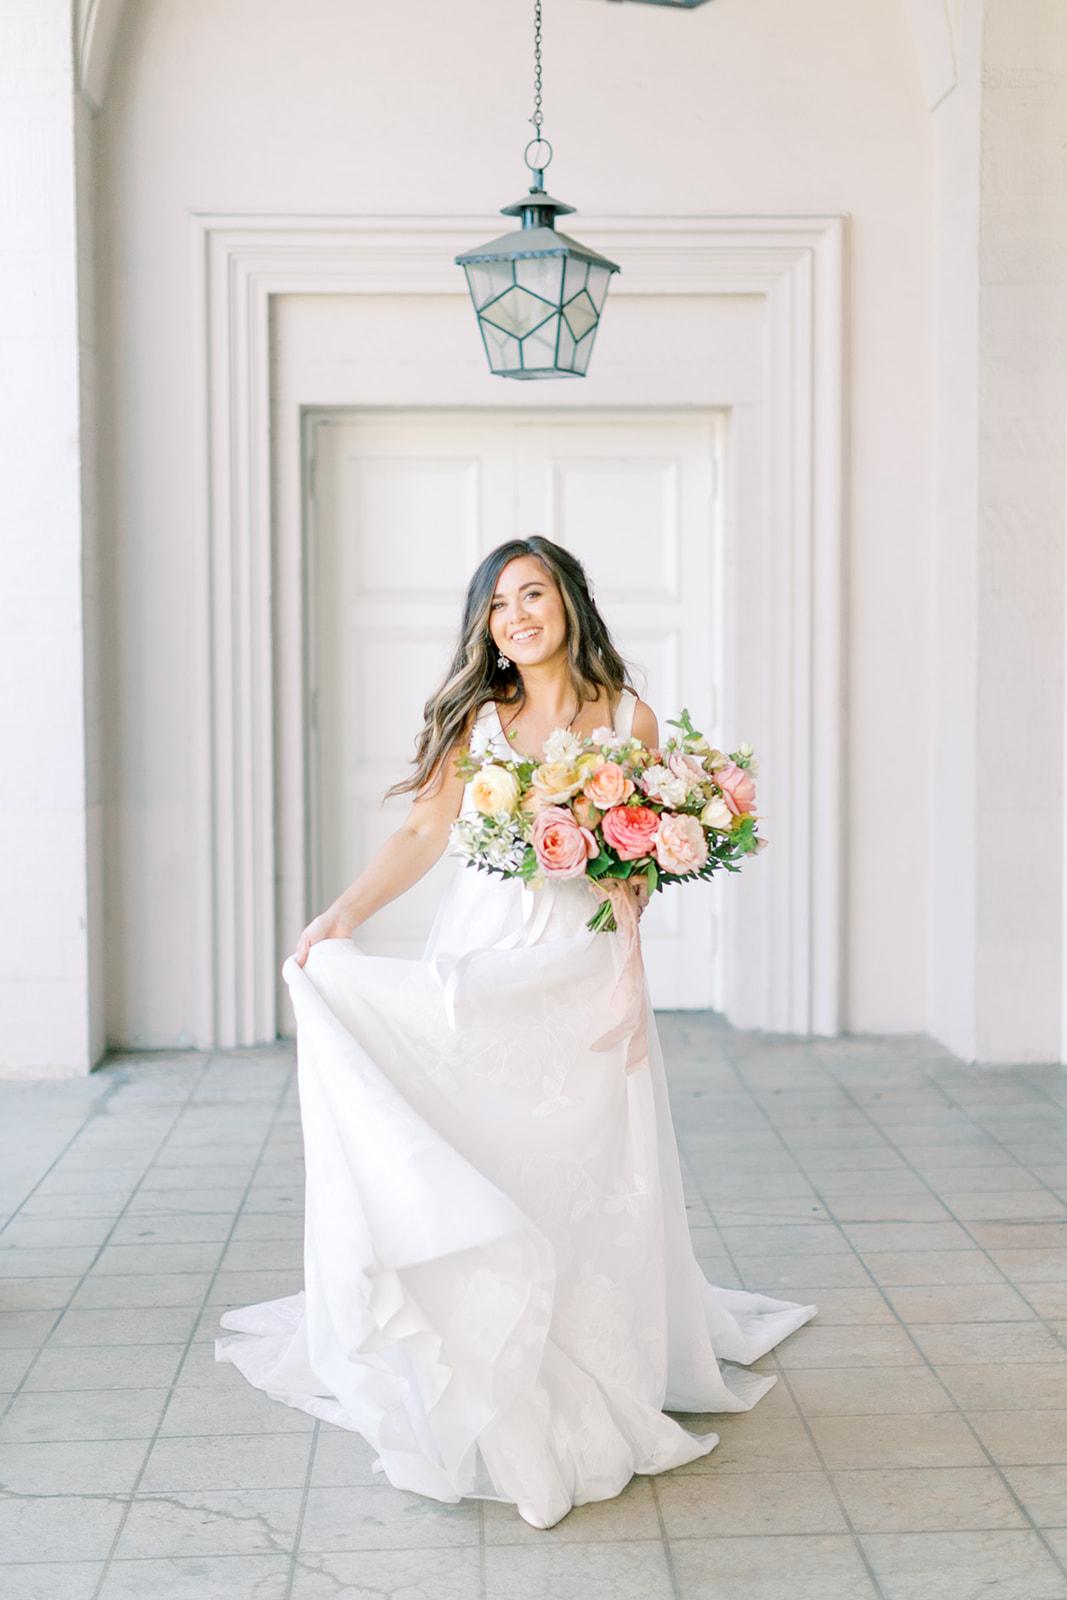 Romantic Elegant Bridal Portraits